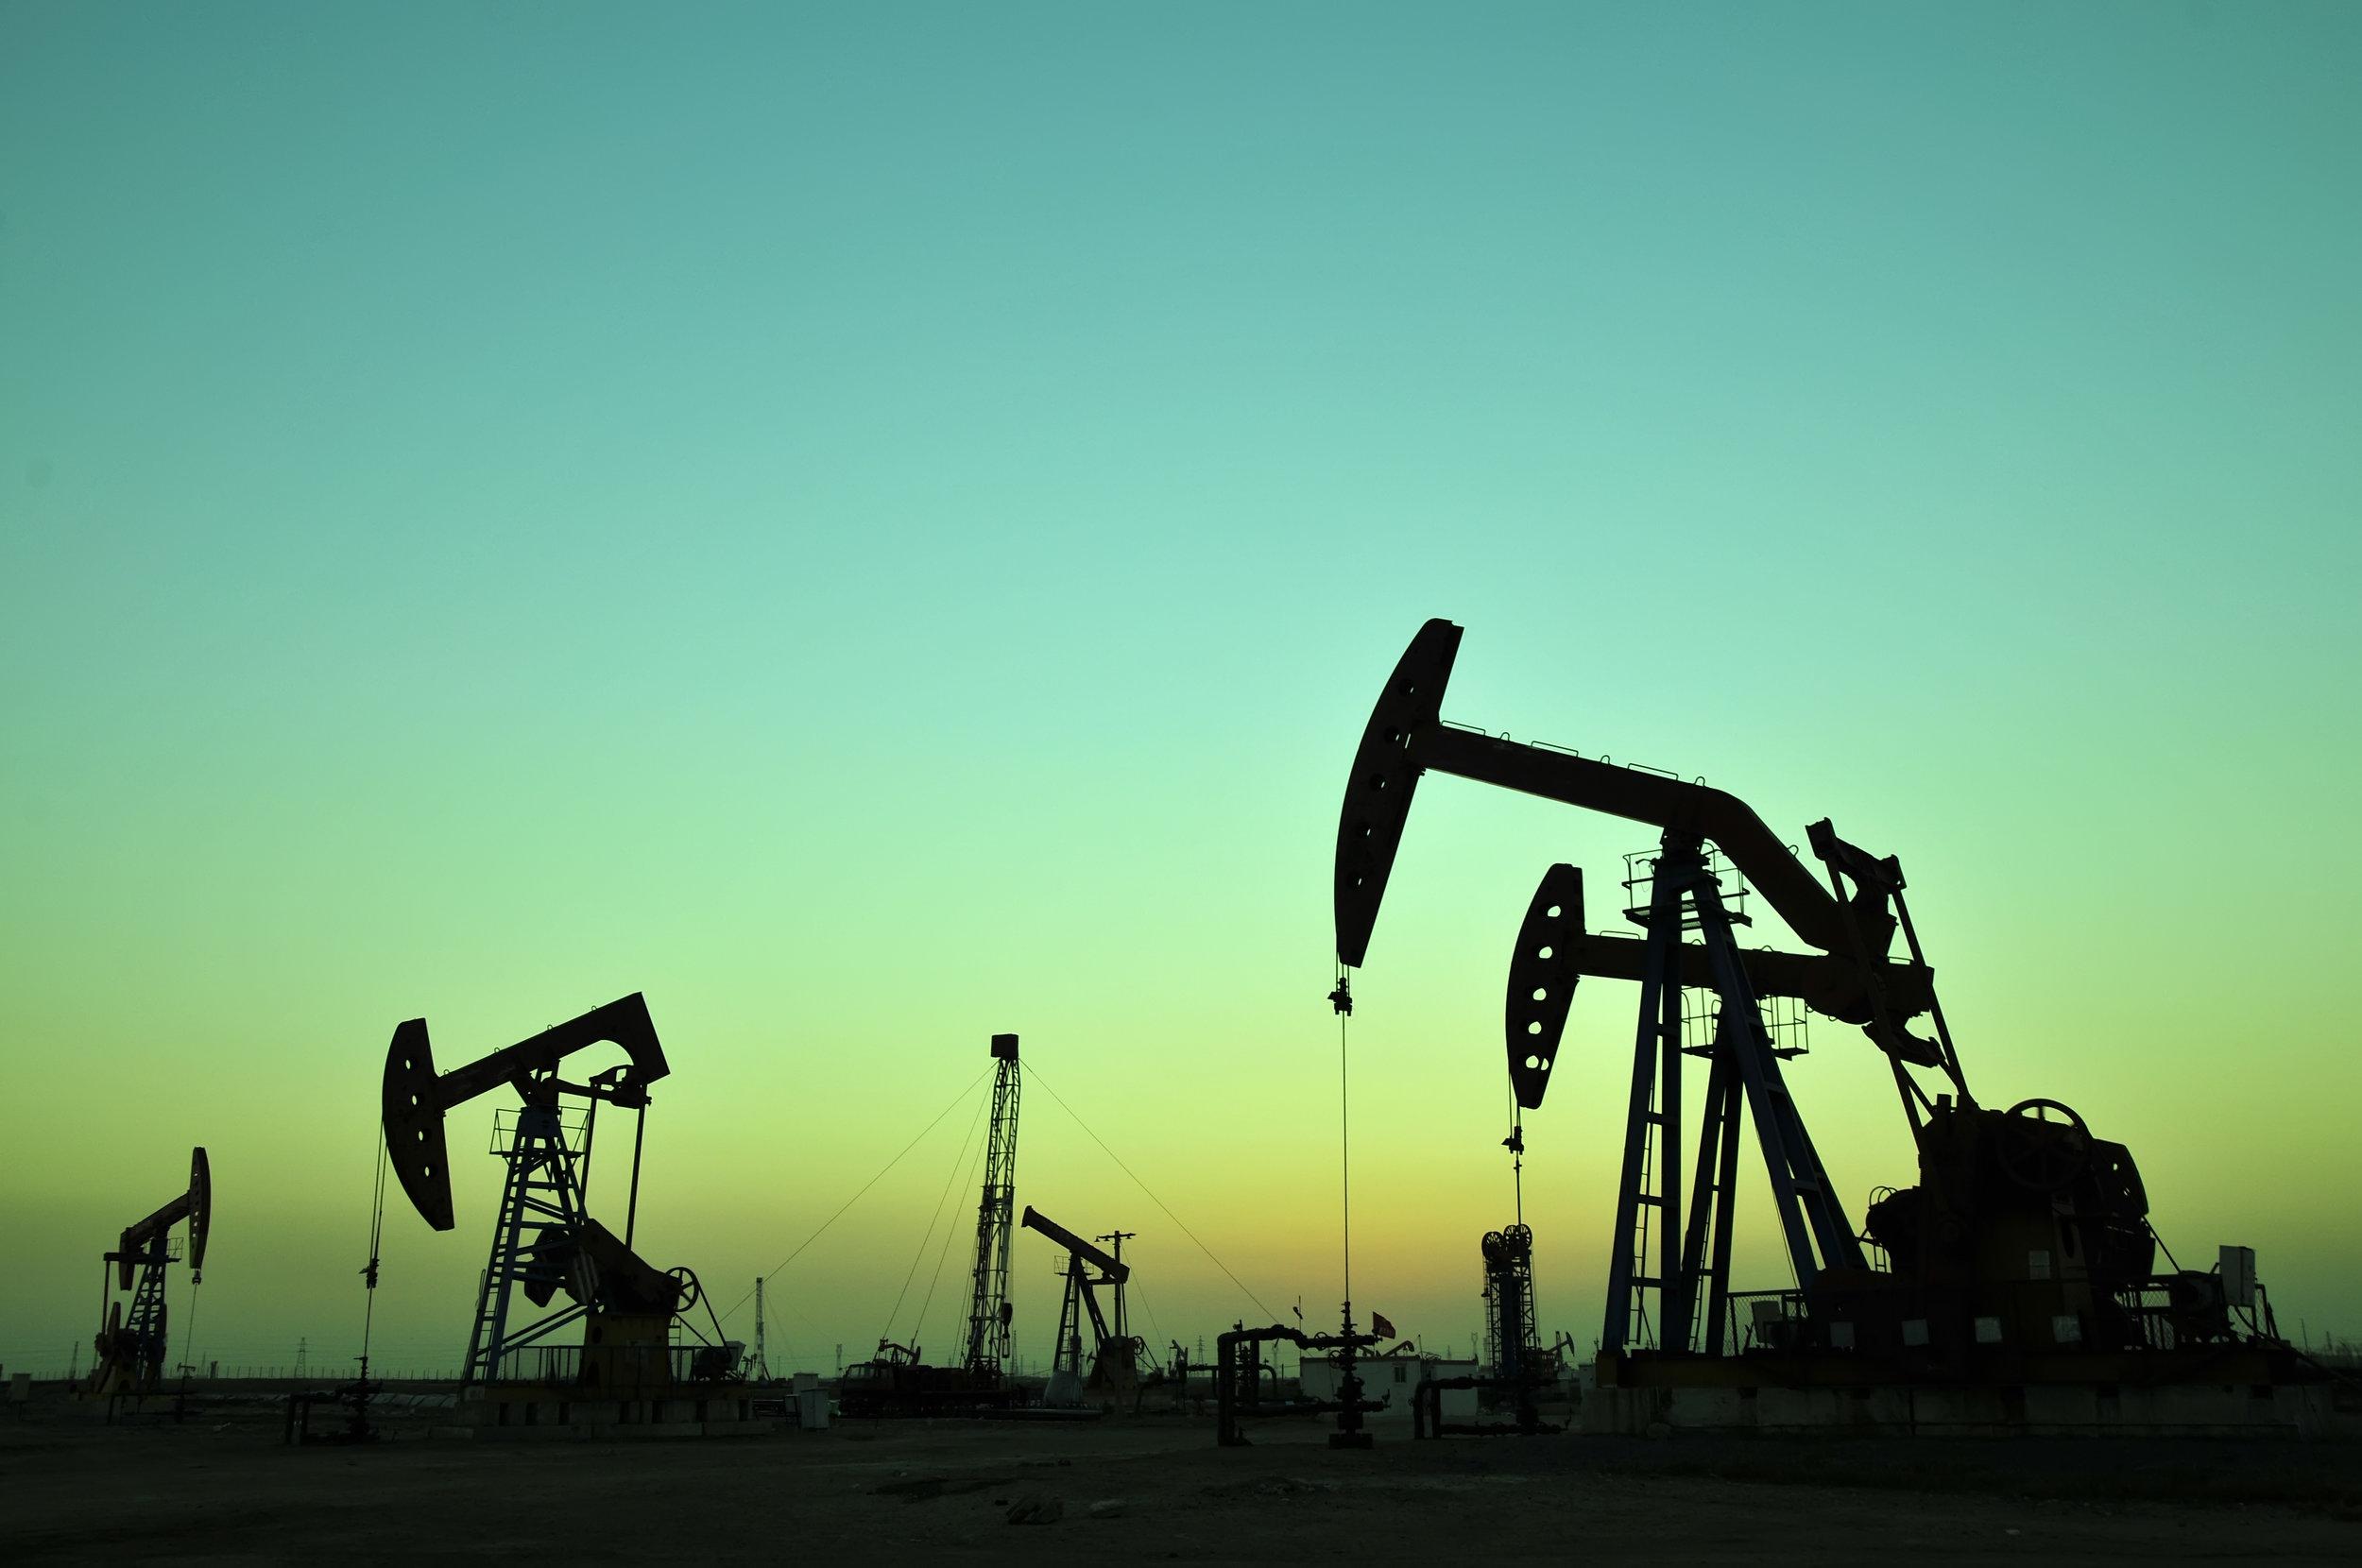 Green Oil Derrick shutterstock_162489413.jpg